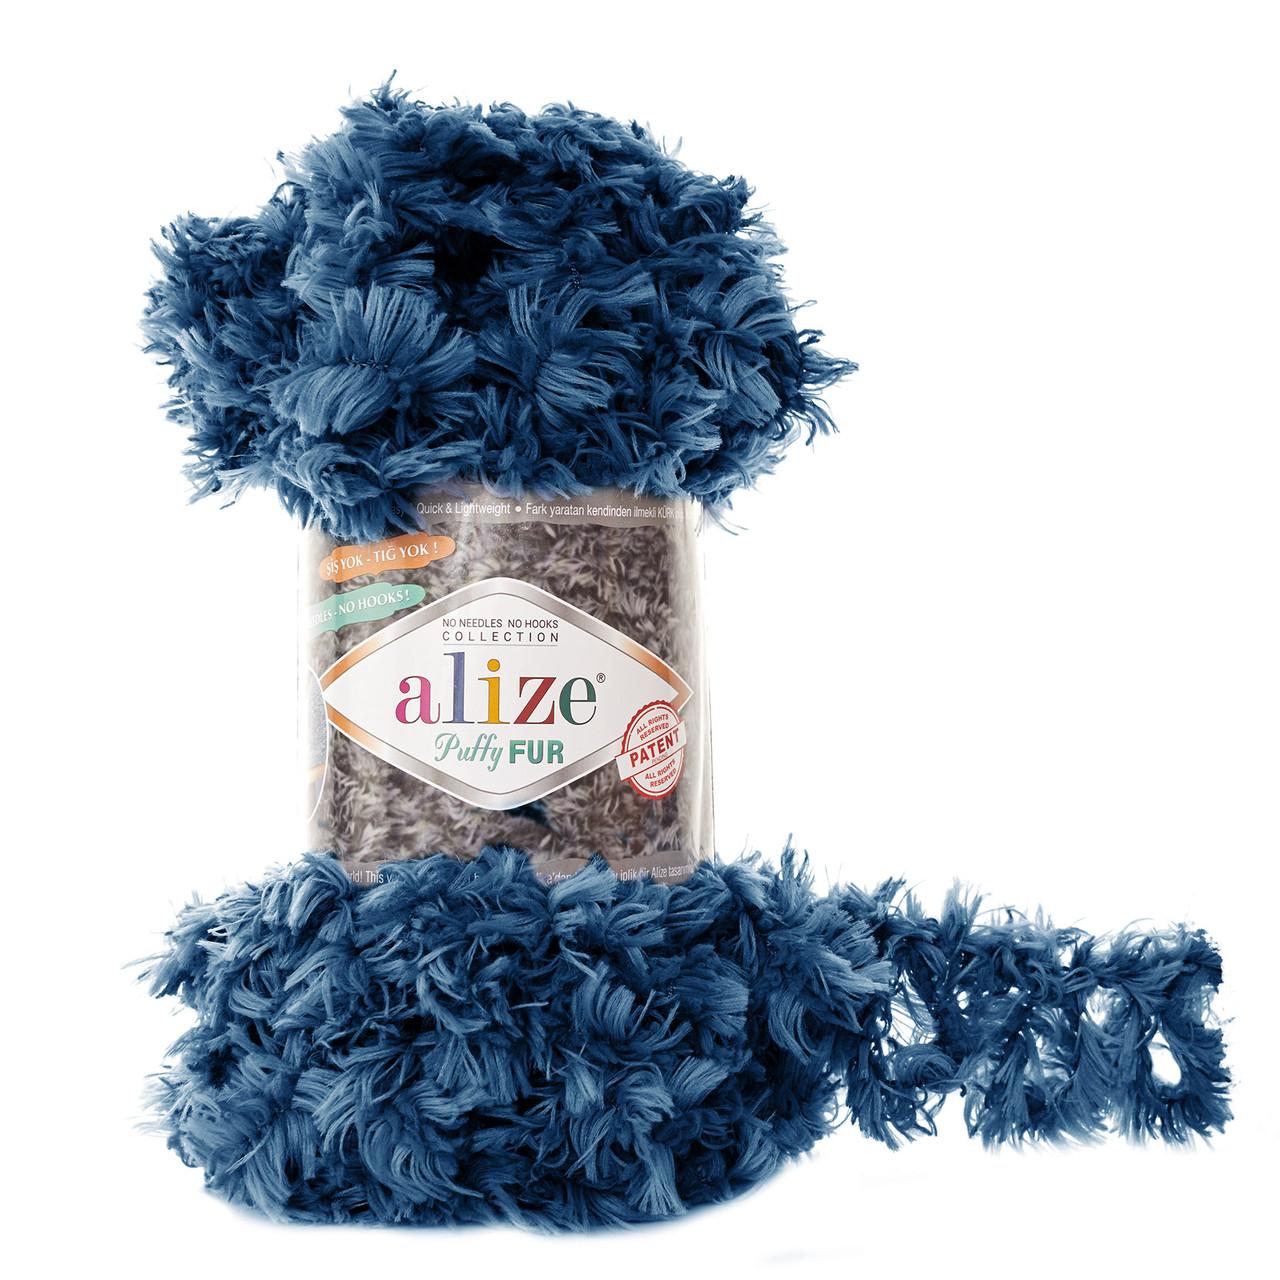 Puffy Fur № 6114